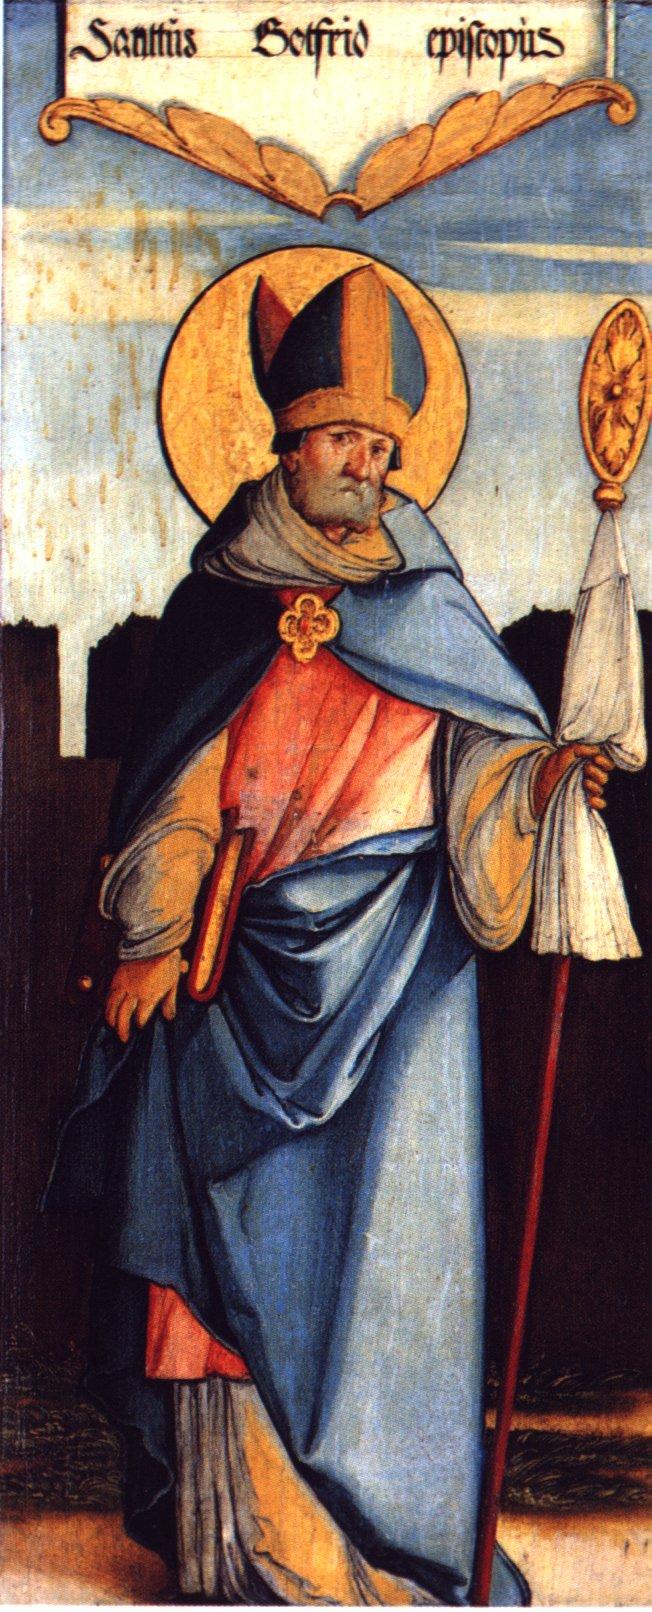 Meister von Meßkirch, Heiliger Bischof Gottfried, um 1535/40, Donaueschingen, Fürstenbergsammlungen